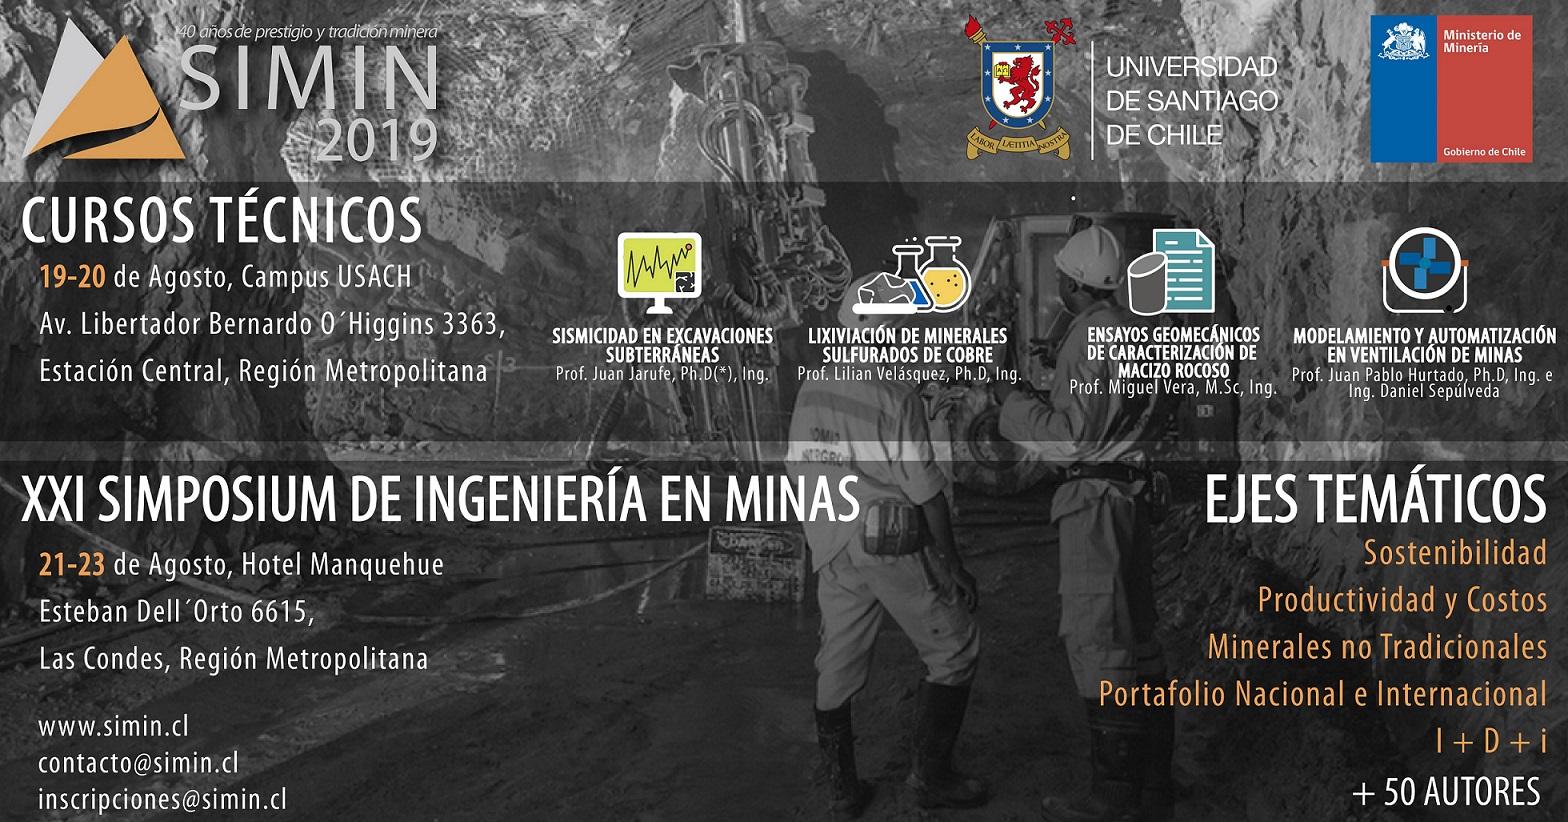 Simposium de Ingeniería en Minas SIMIN 2019